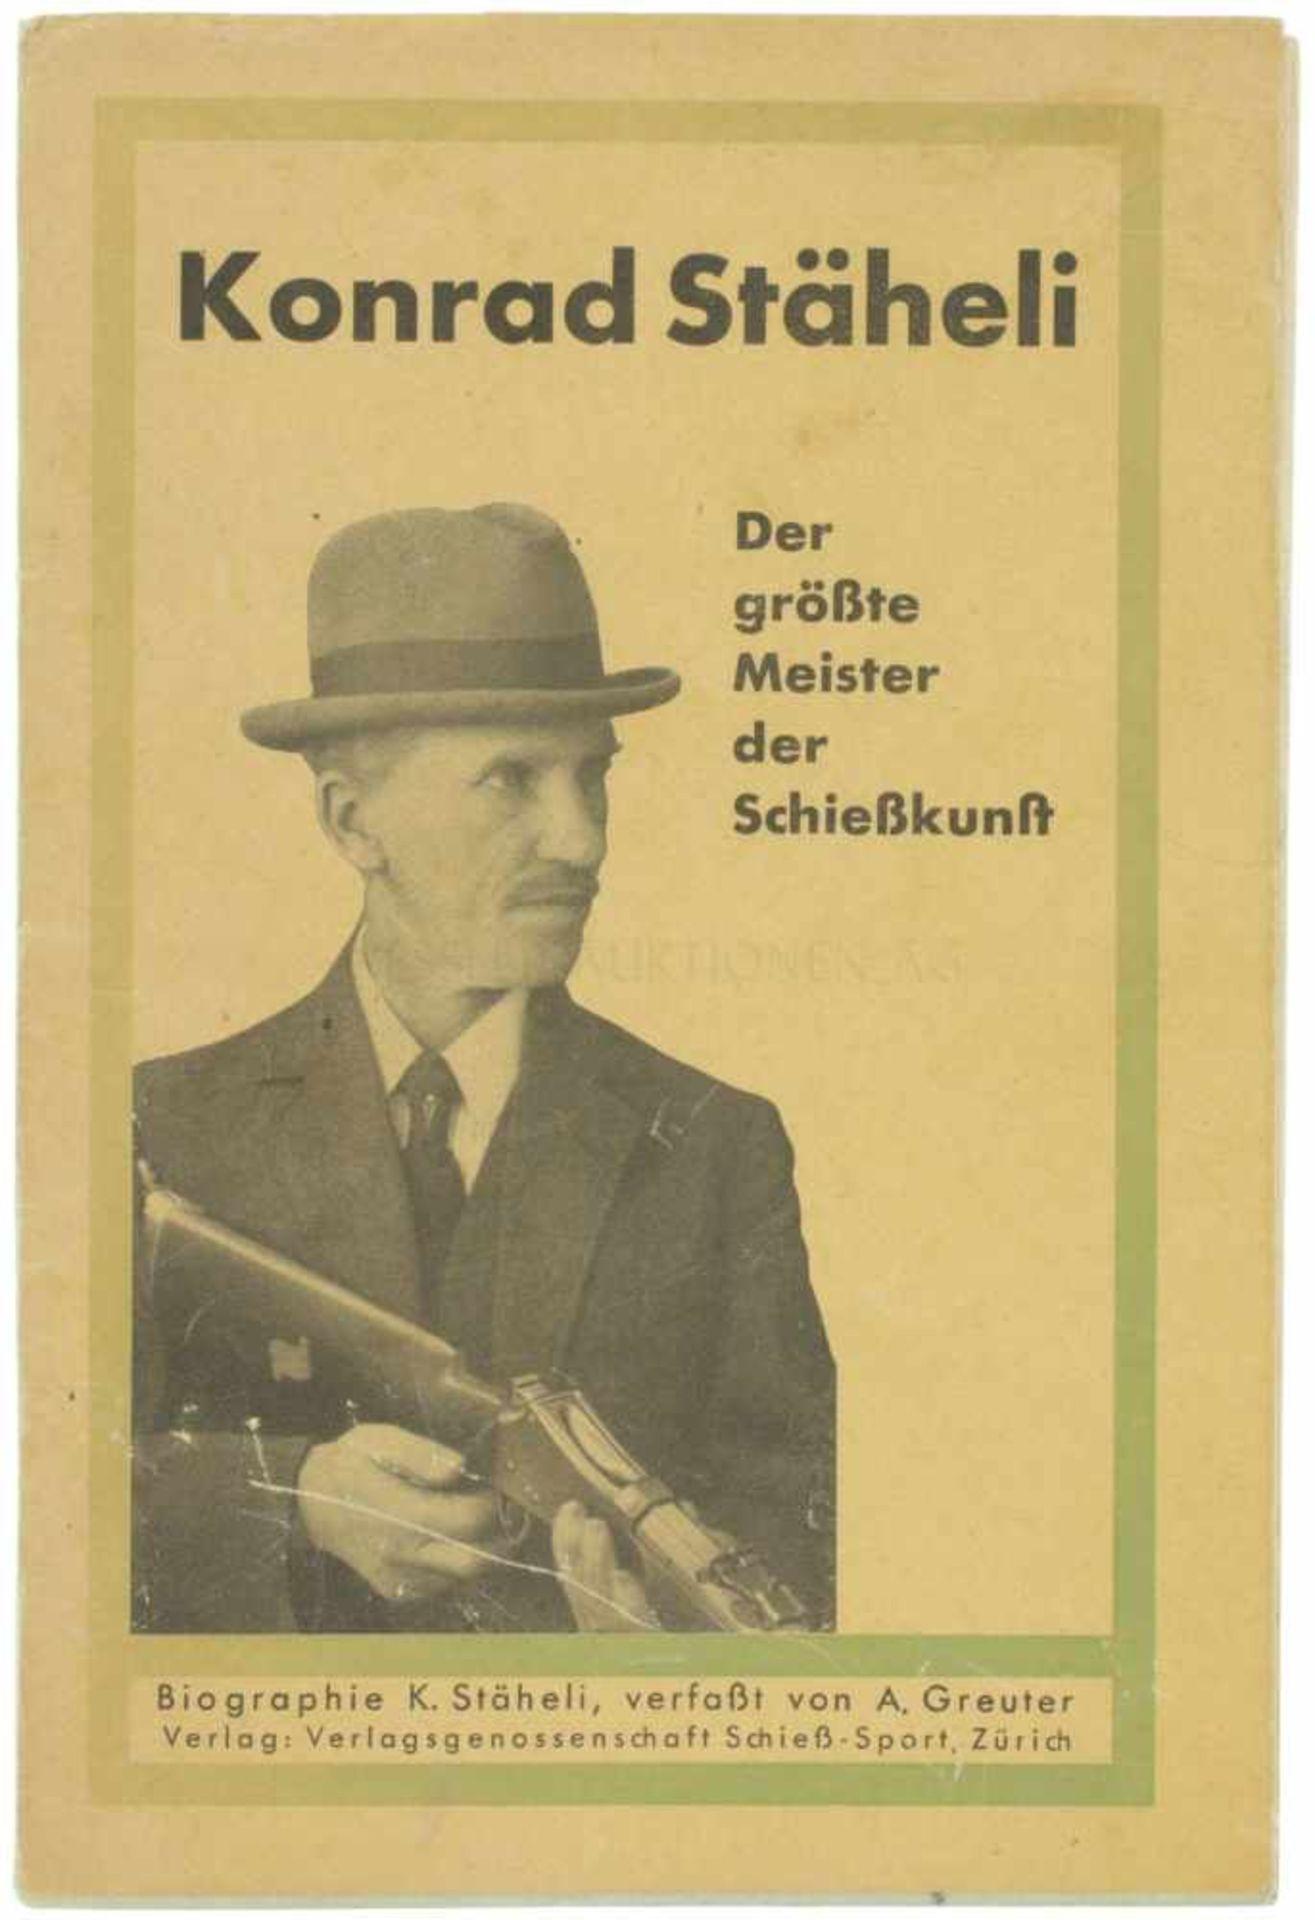 Konrad Stähli, Biographie von A.Greuter Das reichlich illustrierte Büchlein behandelt das Leben